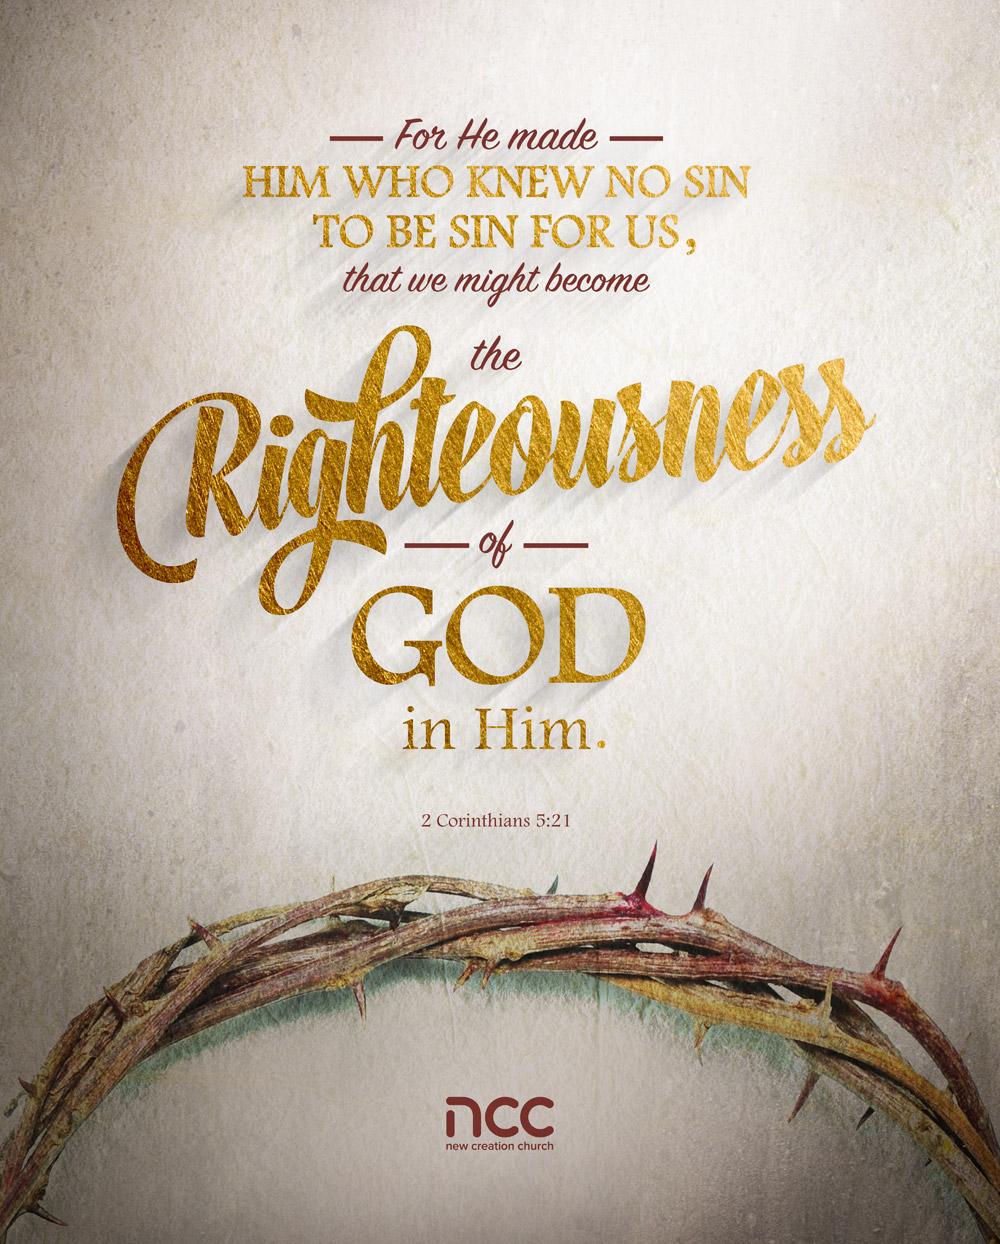 3_MAR Gottes Versprechen – Bibelverse zur Ermutigung | New Creation TV